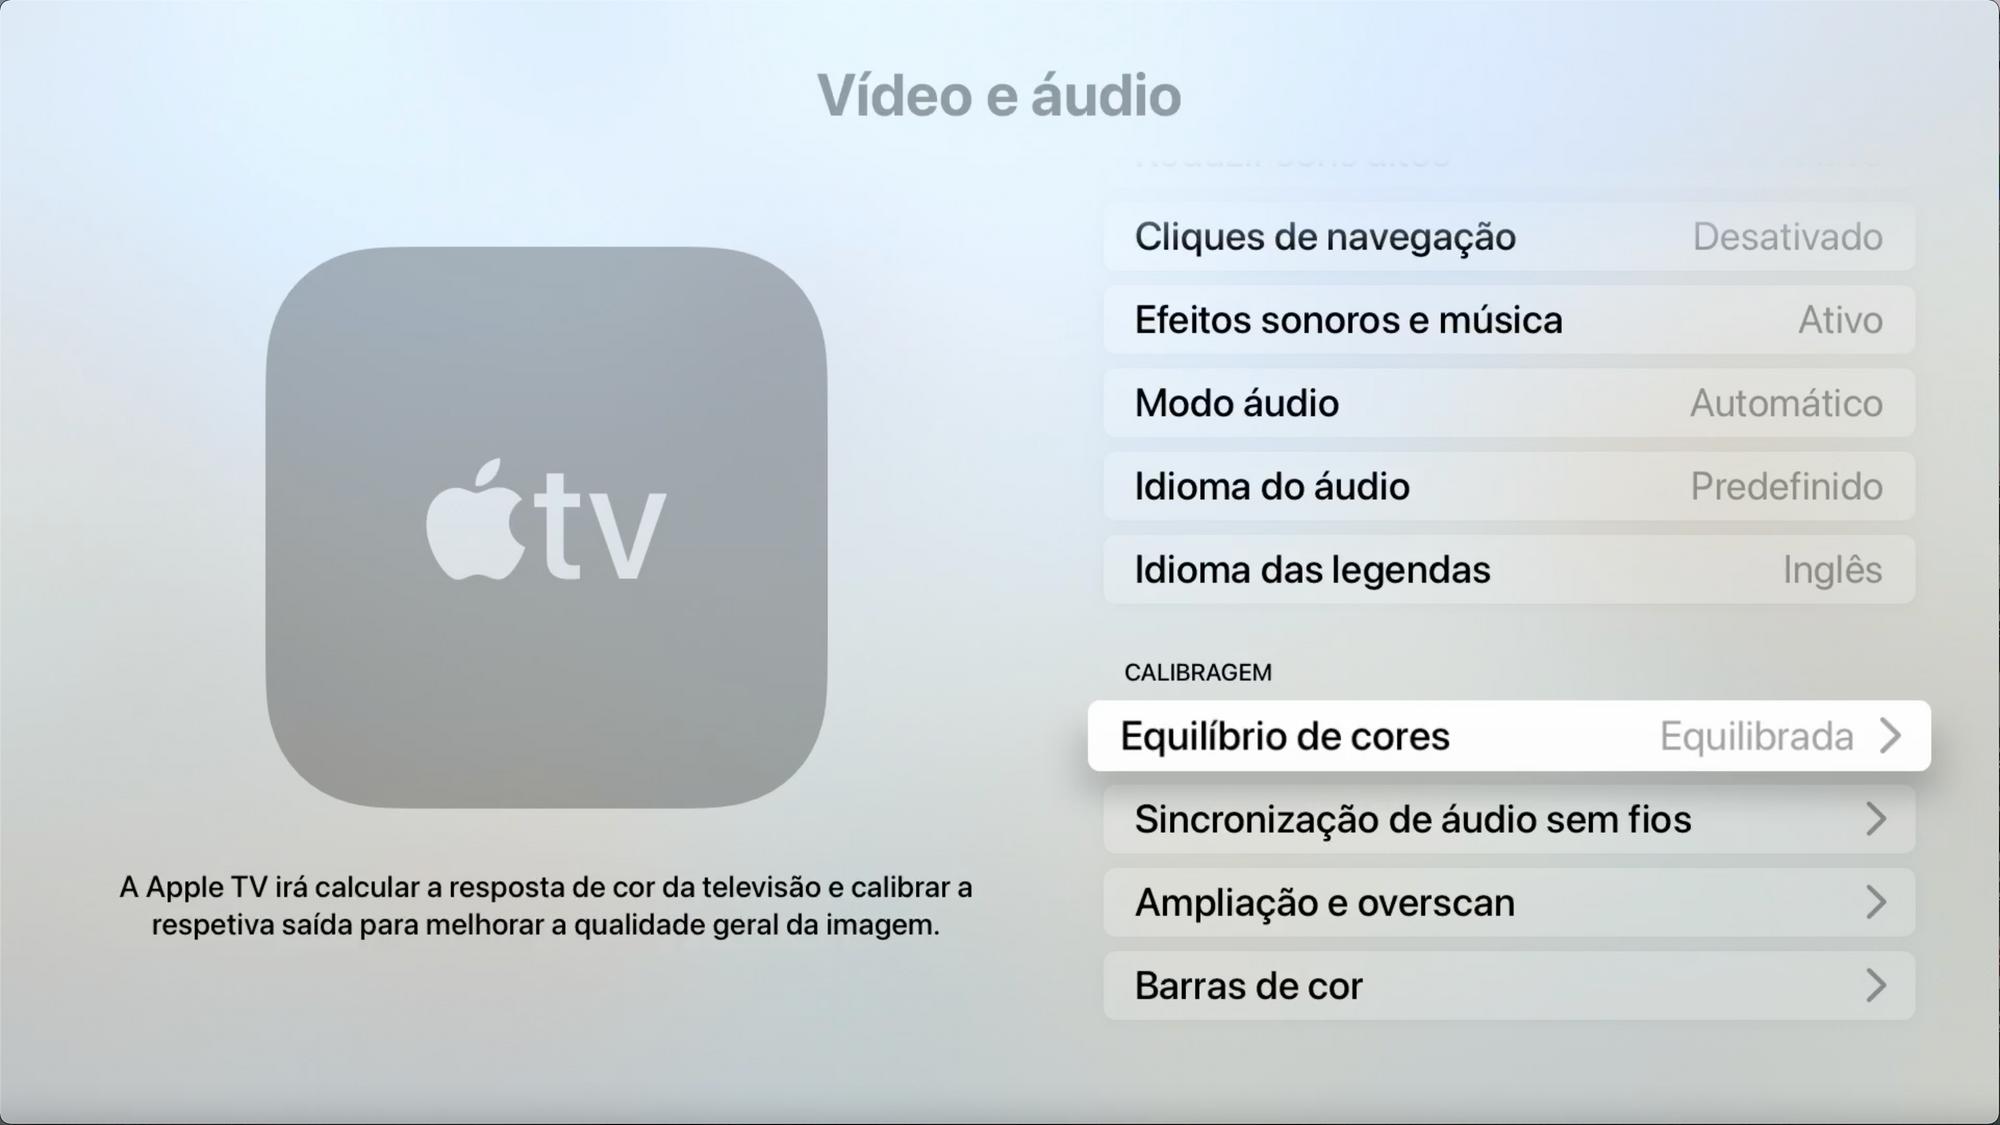 Menu Video e áudio - Equilíbrio de cores na Apple TV